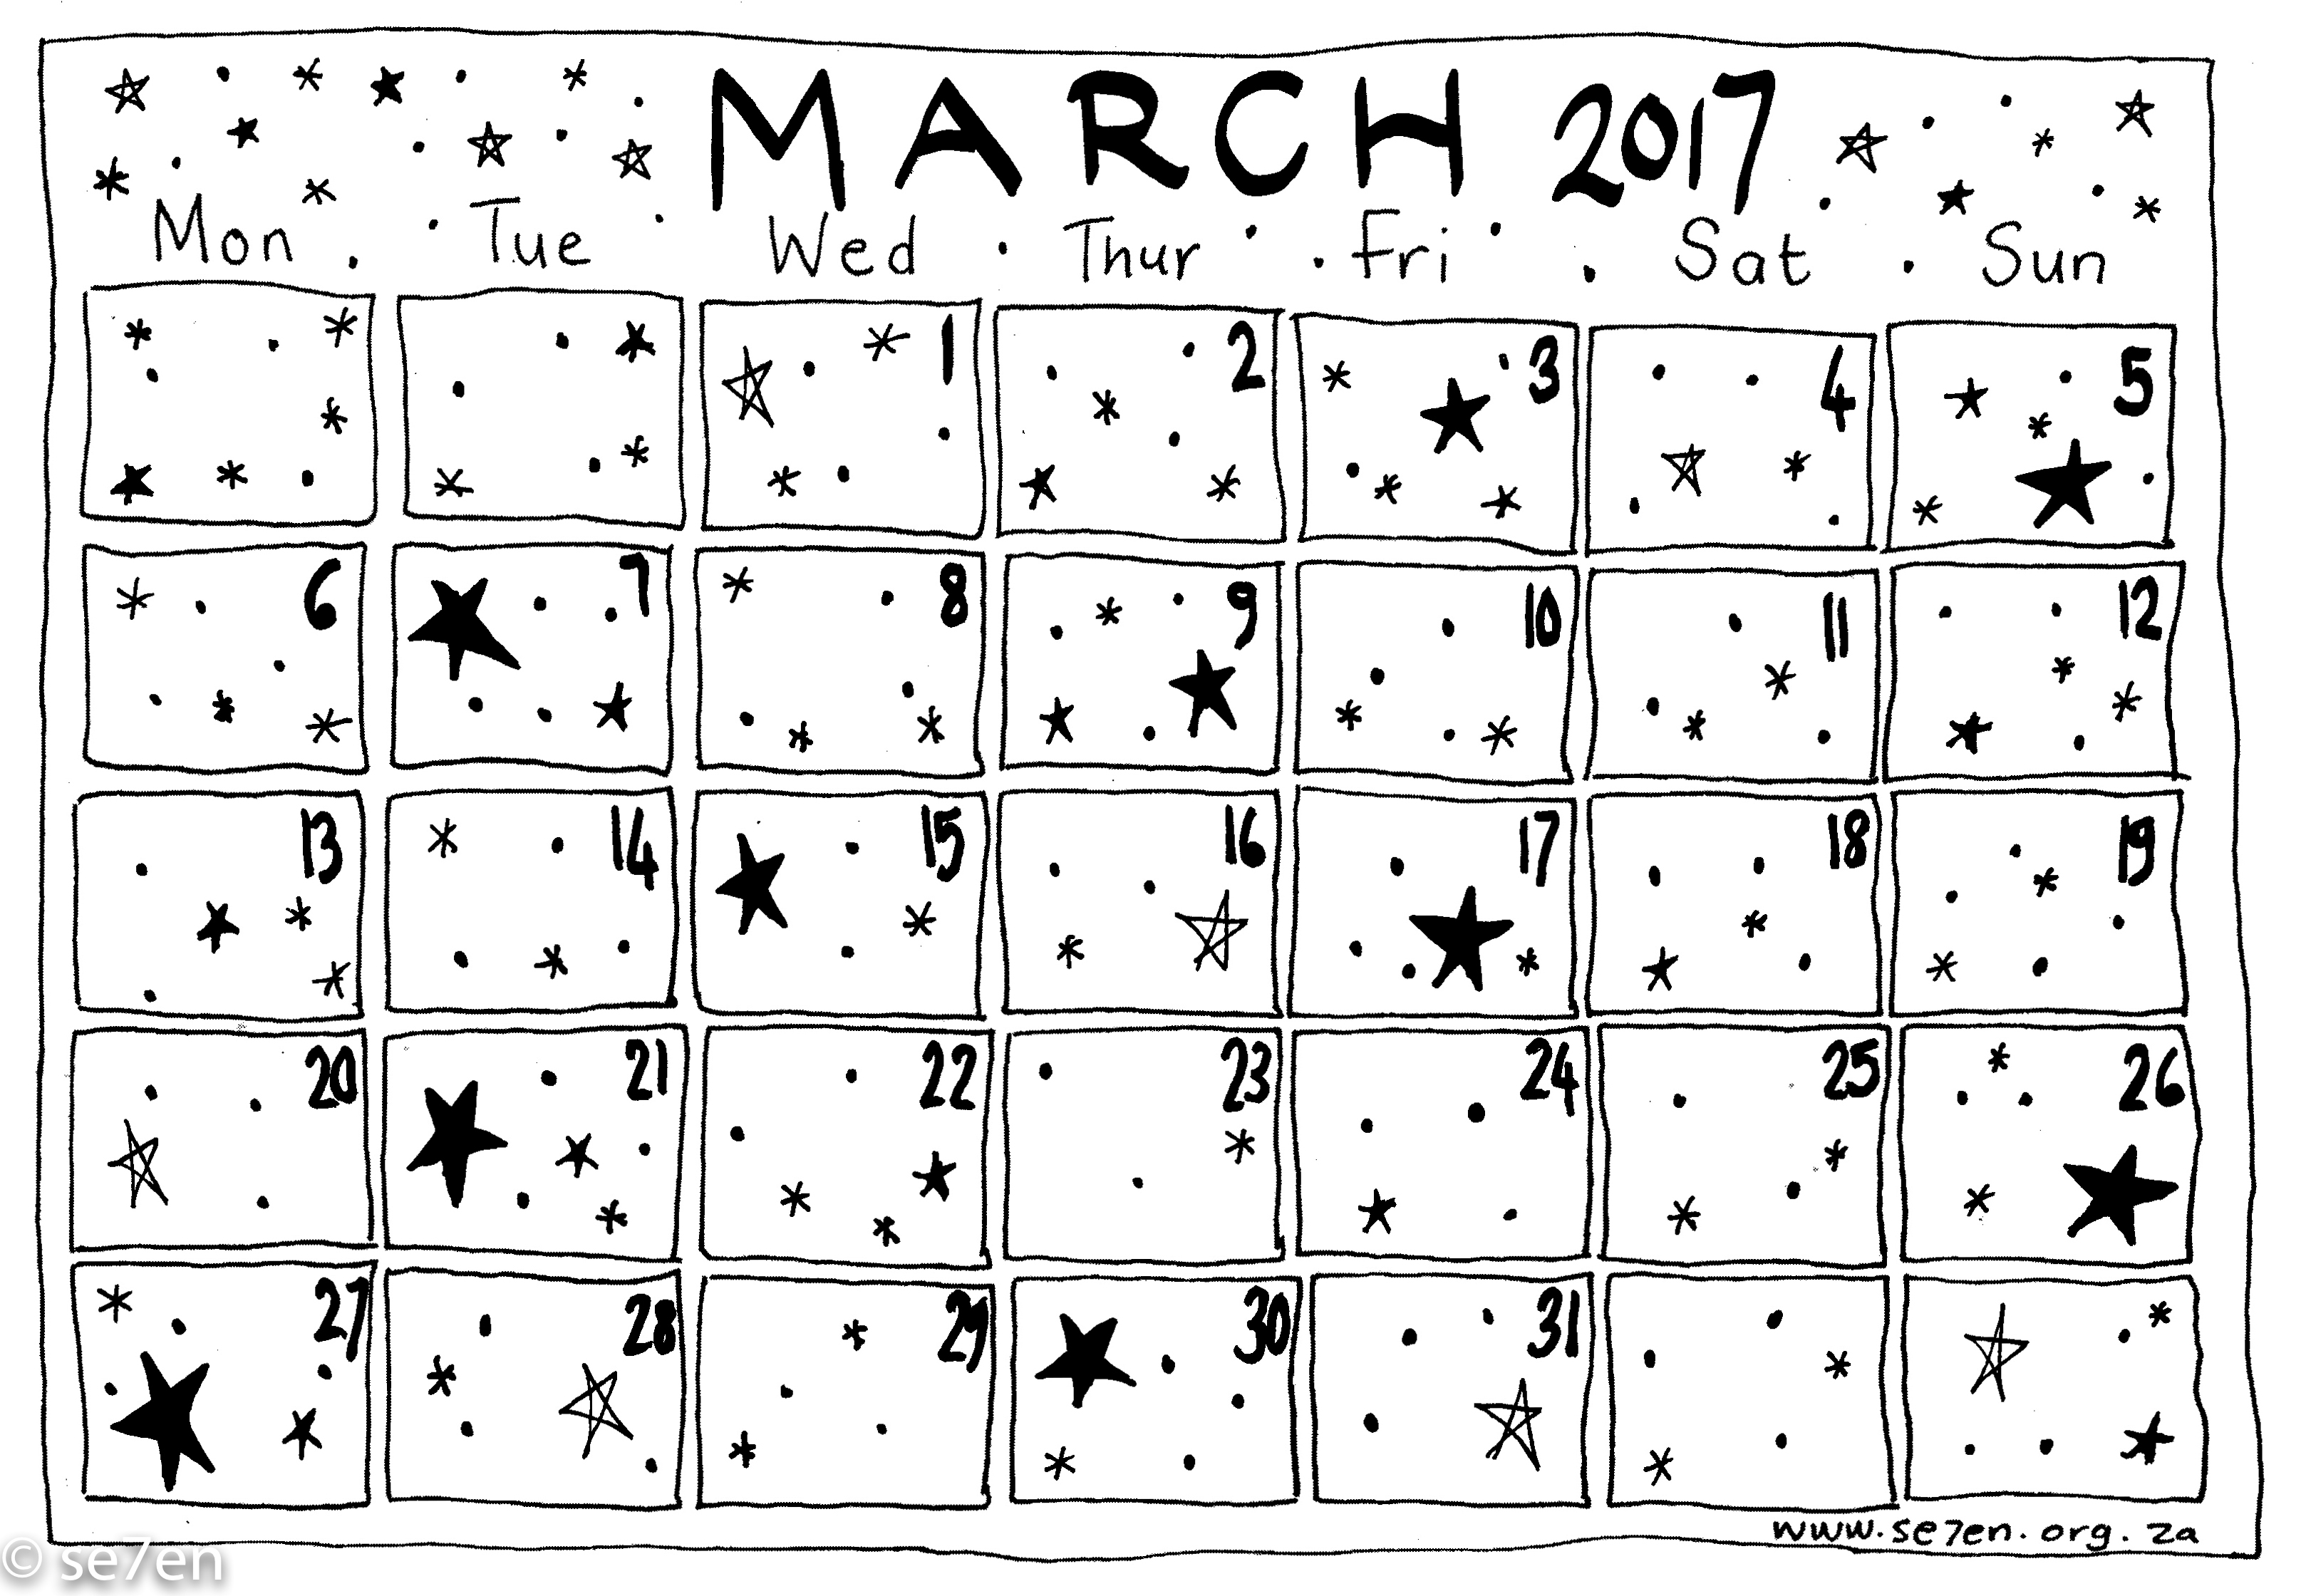 se7en-01-Mar-17-March 2017001-1.jpg